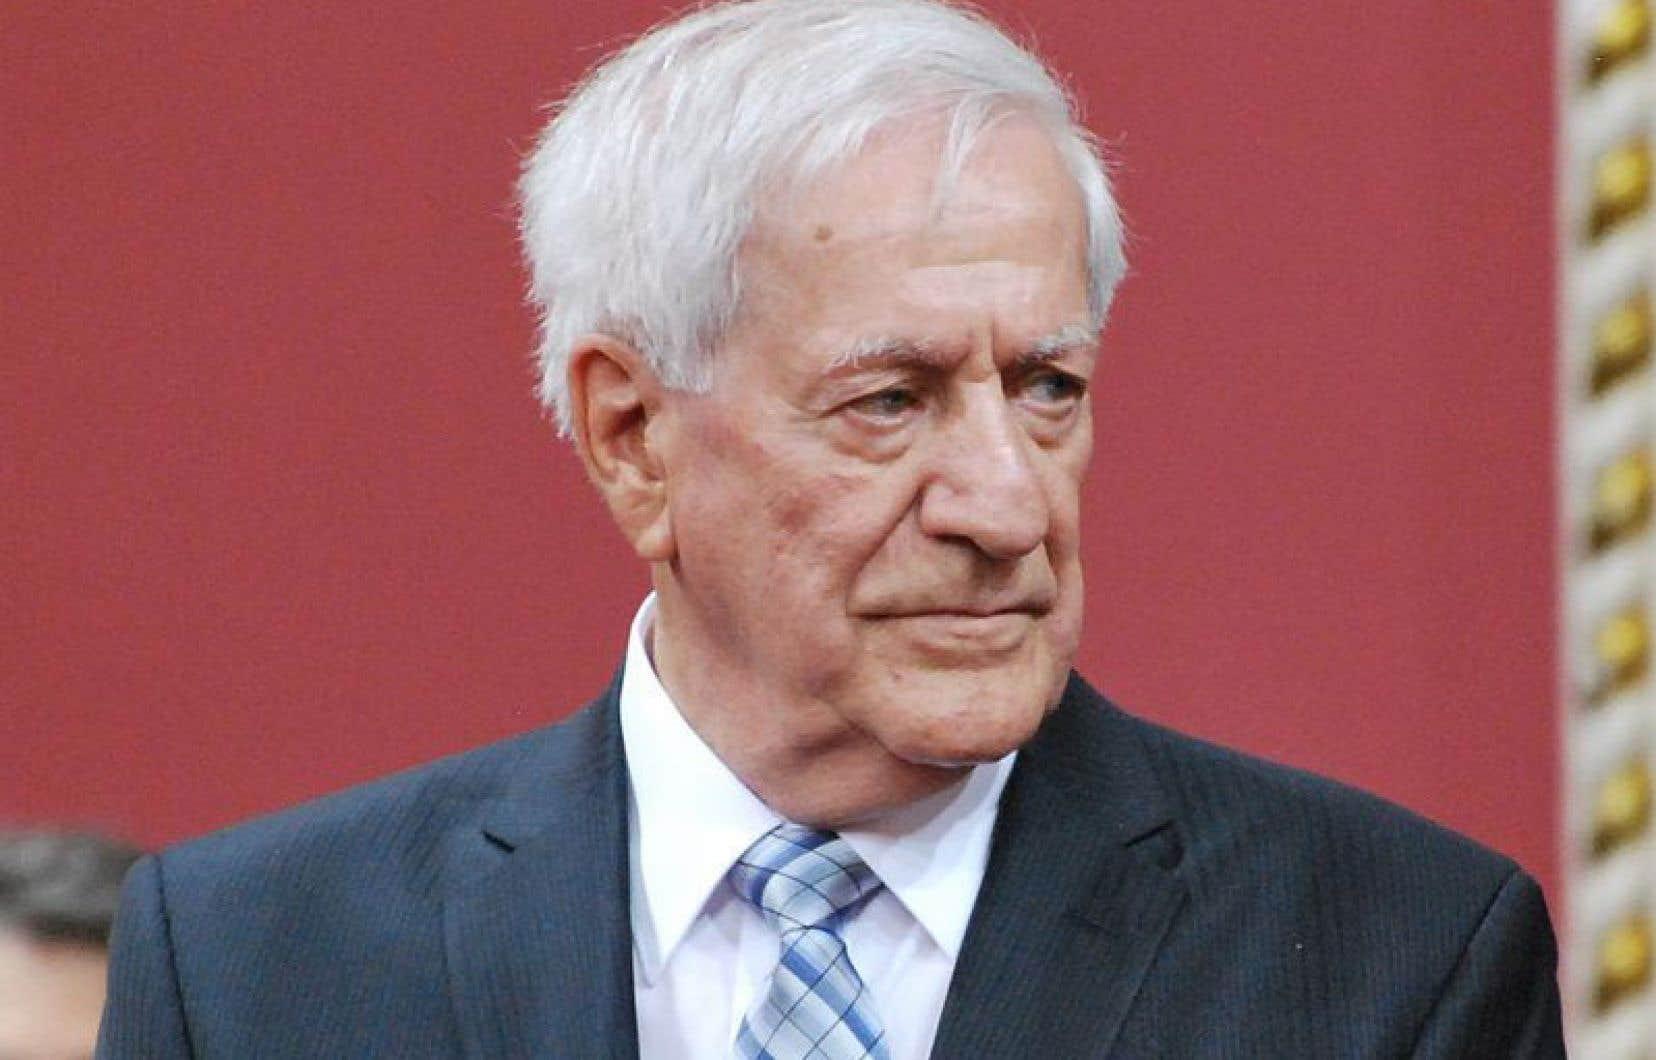 Marc-André Bédard, que l'on voit ici en octobre 1983, a été ministre de la Justice du gouvernement de René Lévesque ainsi que vice-premier ministre.